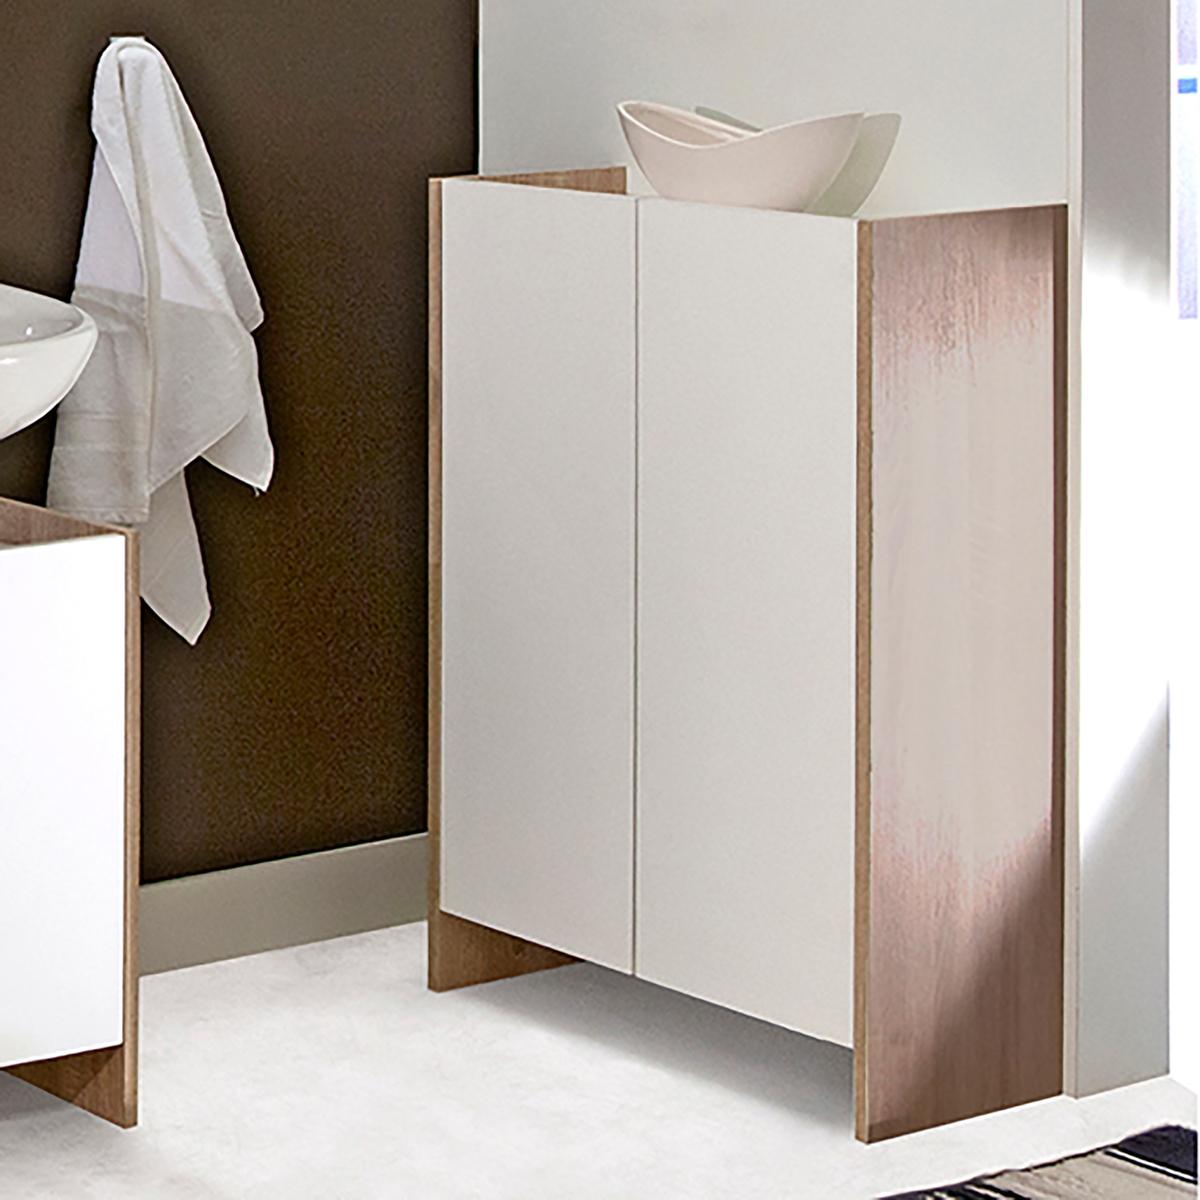 Тумба для ванной комнаты, 2 дверцы, BaneroОписание тумбы для ванной комнаты с 2 дверцами Banero :-   2 дверцы, 1 внутренняя полка, съёмная и регулируемая по высоте (Д56,8 x Г28 см).- Невидимые шарниры (с автоматическим доводчиком).- Защита. Характеристики тумбы для ванной комнаты с 2 дверцами, Banero :- Из ДСП с меламиновым покрытием, толщина 16 мм, цвет светлого дуба, дверцы - белые.Размеры тумбы для ванной комнаты с 2 дверцами, Banero :Общие : Д60 x Г28 x В89,5 см.Размеры и вес упаковки :1 упаковкаД96,3 x Г33,8 x В13 см19,4 кгВсю коллекцию мебели для ванной комнаты Banero ищите на сайте laredoute.ru.Доставка :Тумба для ванной комнаты с 2 дверцами Banero продаётся в разобранном виде.  Доставка на дом, возможен подъём на этаж!Внимание   ! Убедитесь, что товар возможно доставить на дом, учитывая его габариты (проходит в двери, по лестницам, в лифты).<br><br>Цвет: дуб